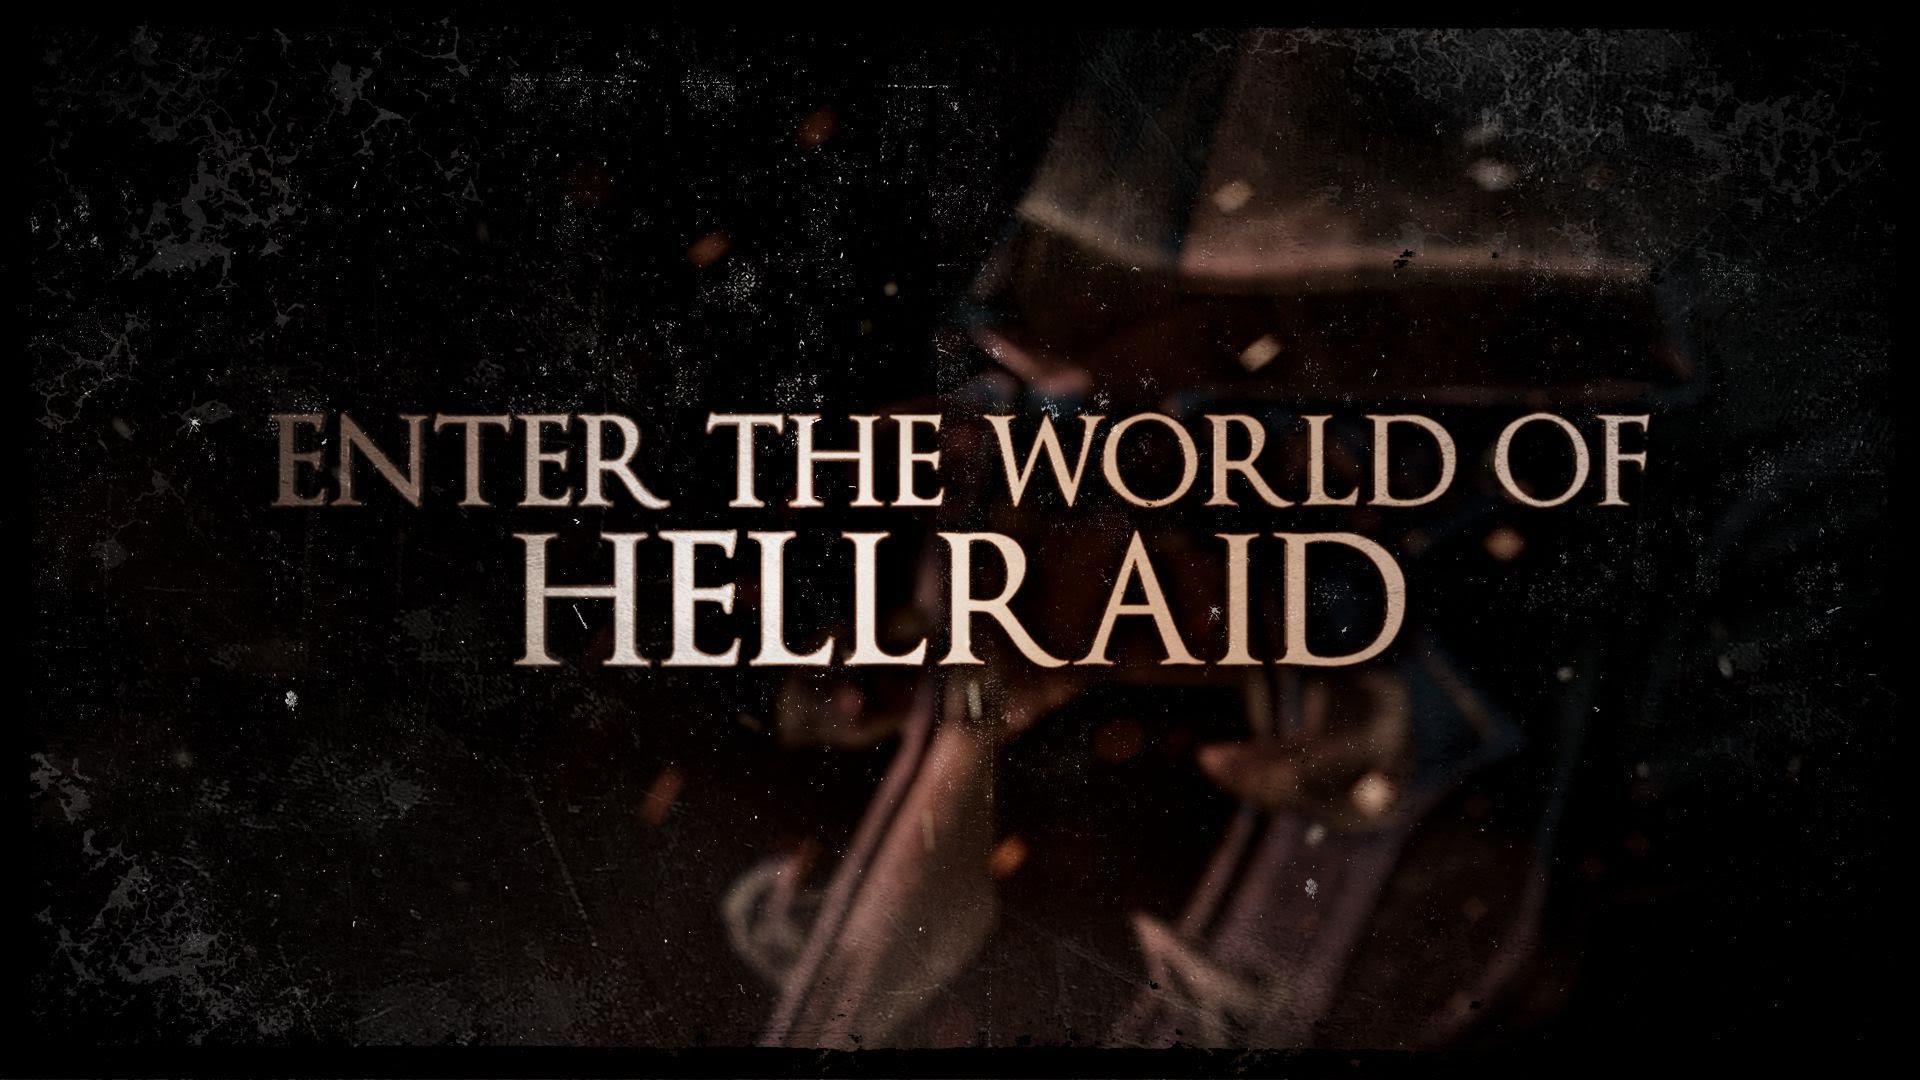 Hellraid primește trailer ce prezintă caracteristicile jocului